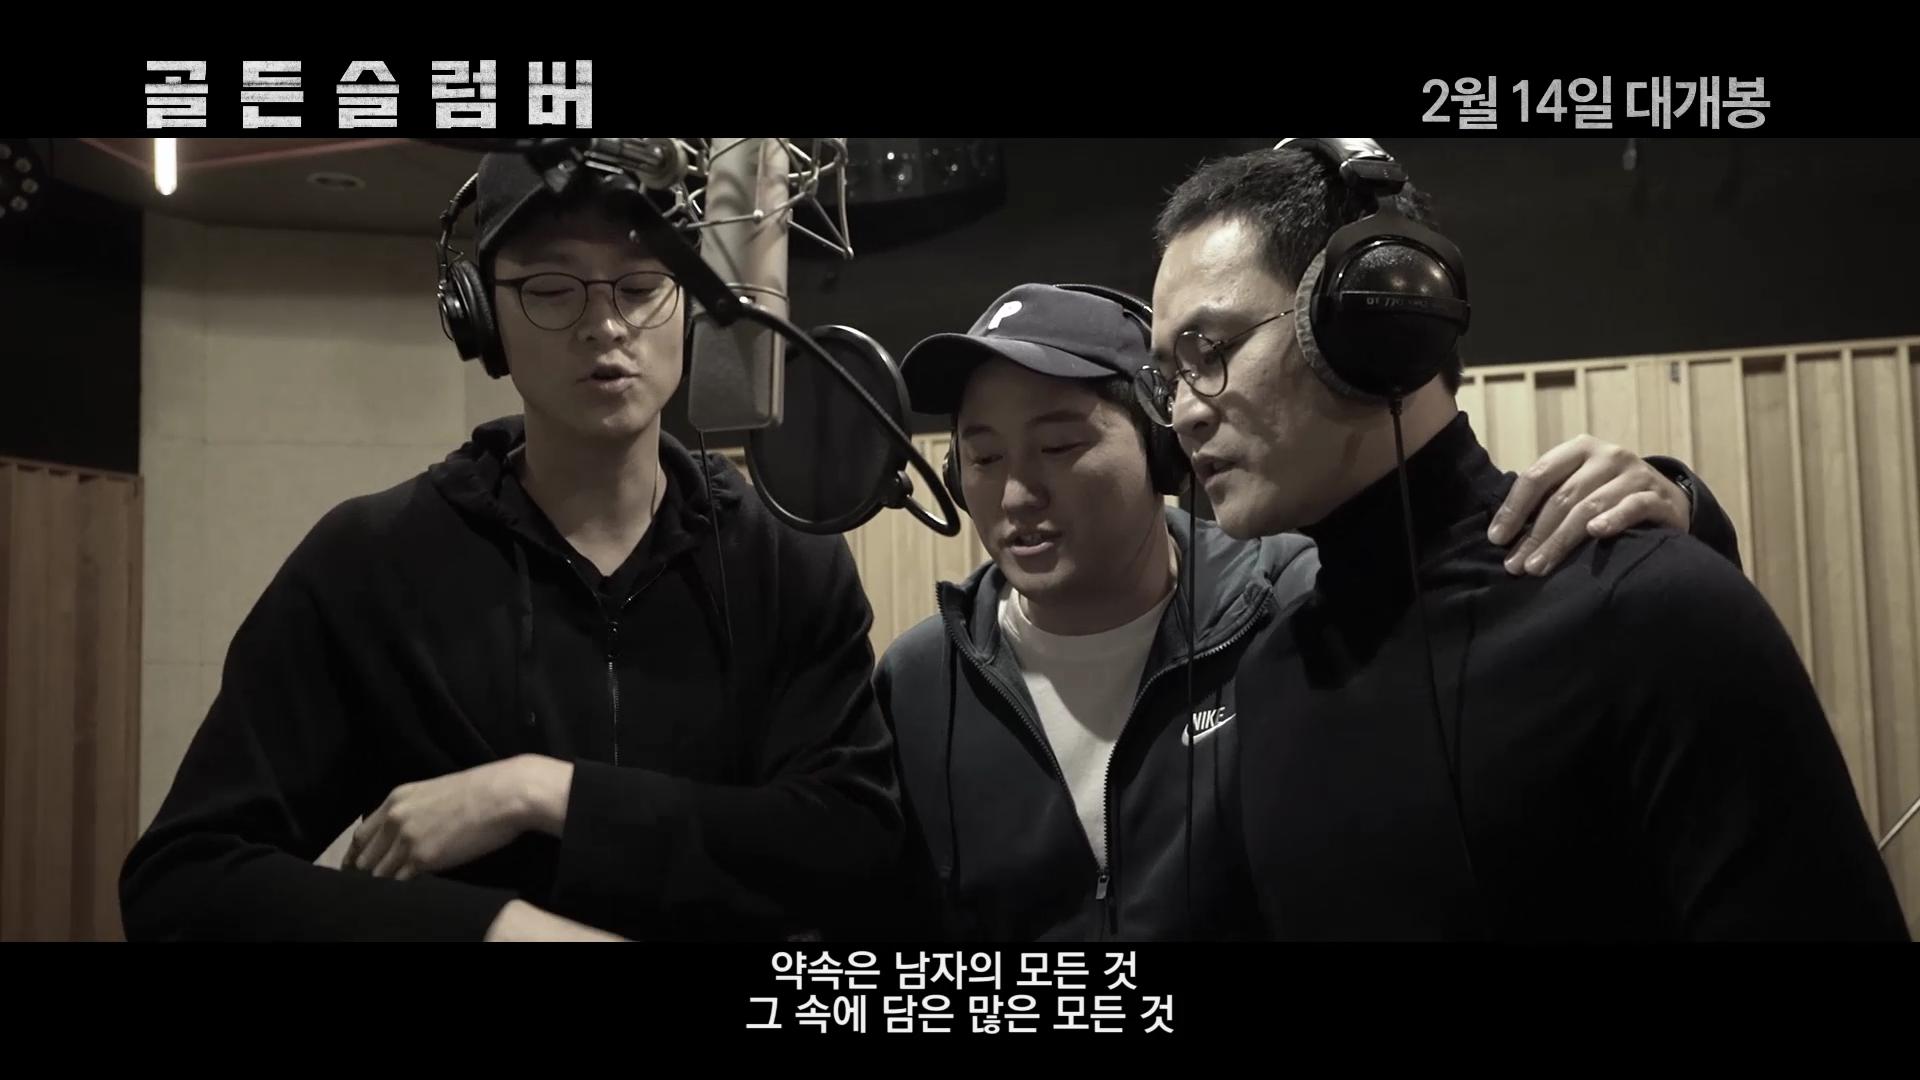 '골든슬럼버' OST 강동원X김성균X김대명 '힘을 내' 공개!